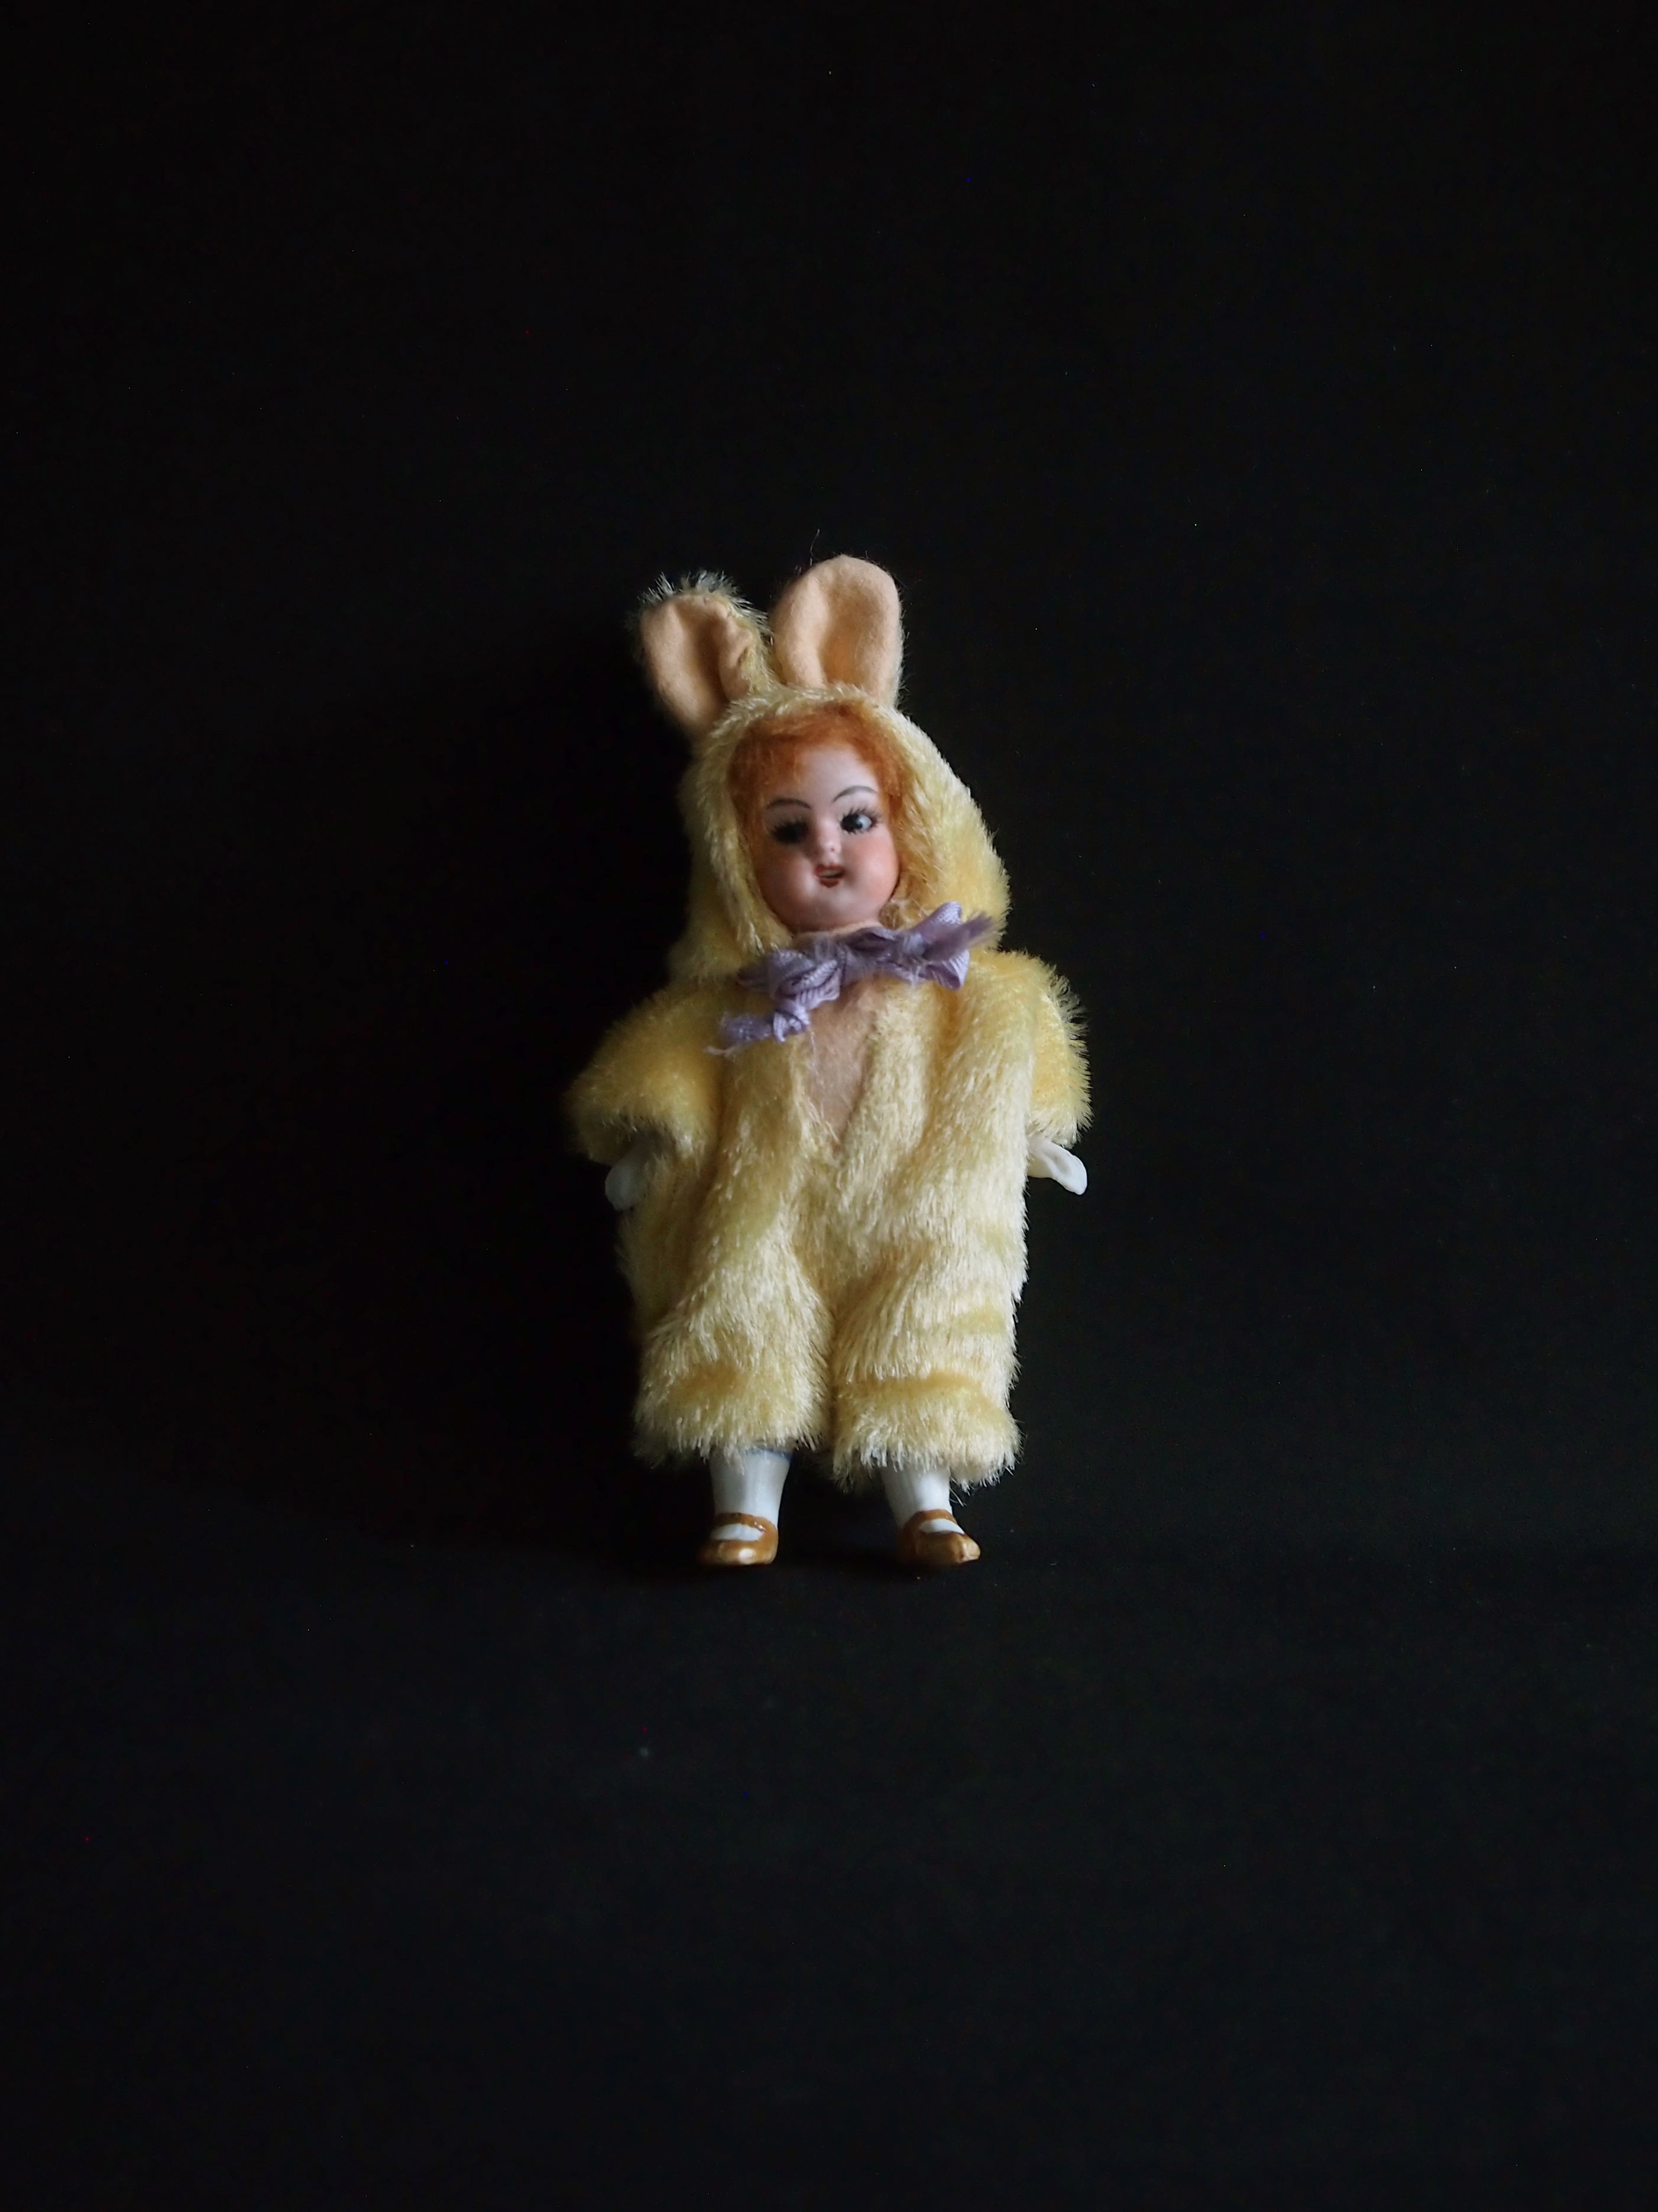 ウサギの着ぐるみビスク・ドール